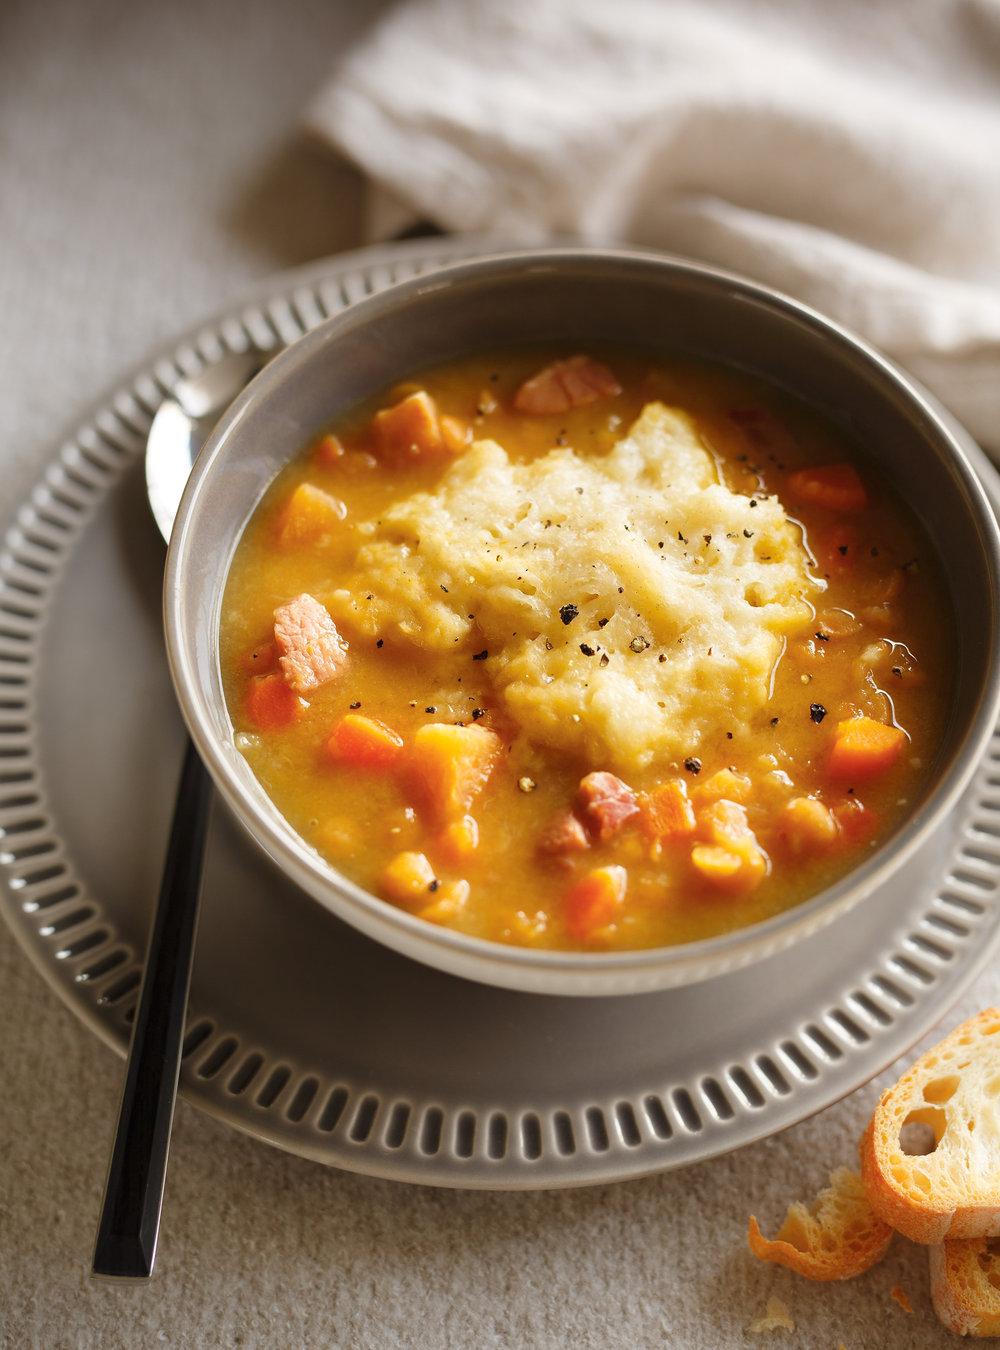 Soupe aux pois et dumplings au fromage | ricardo